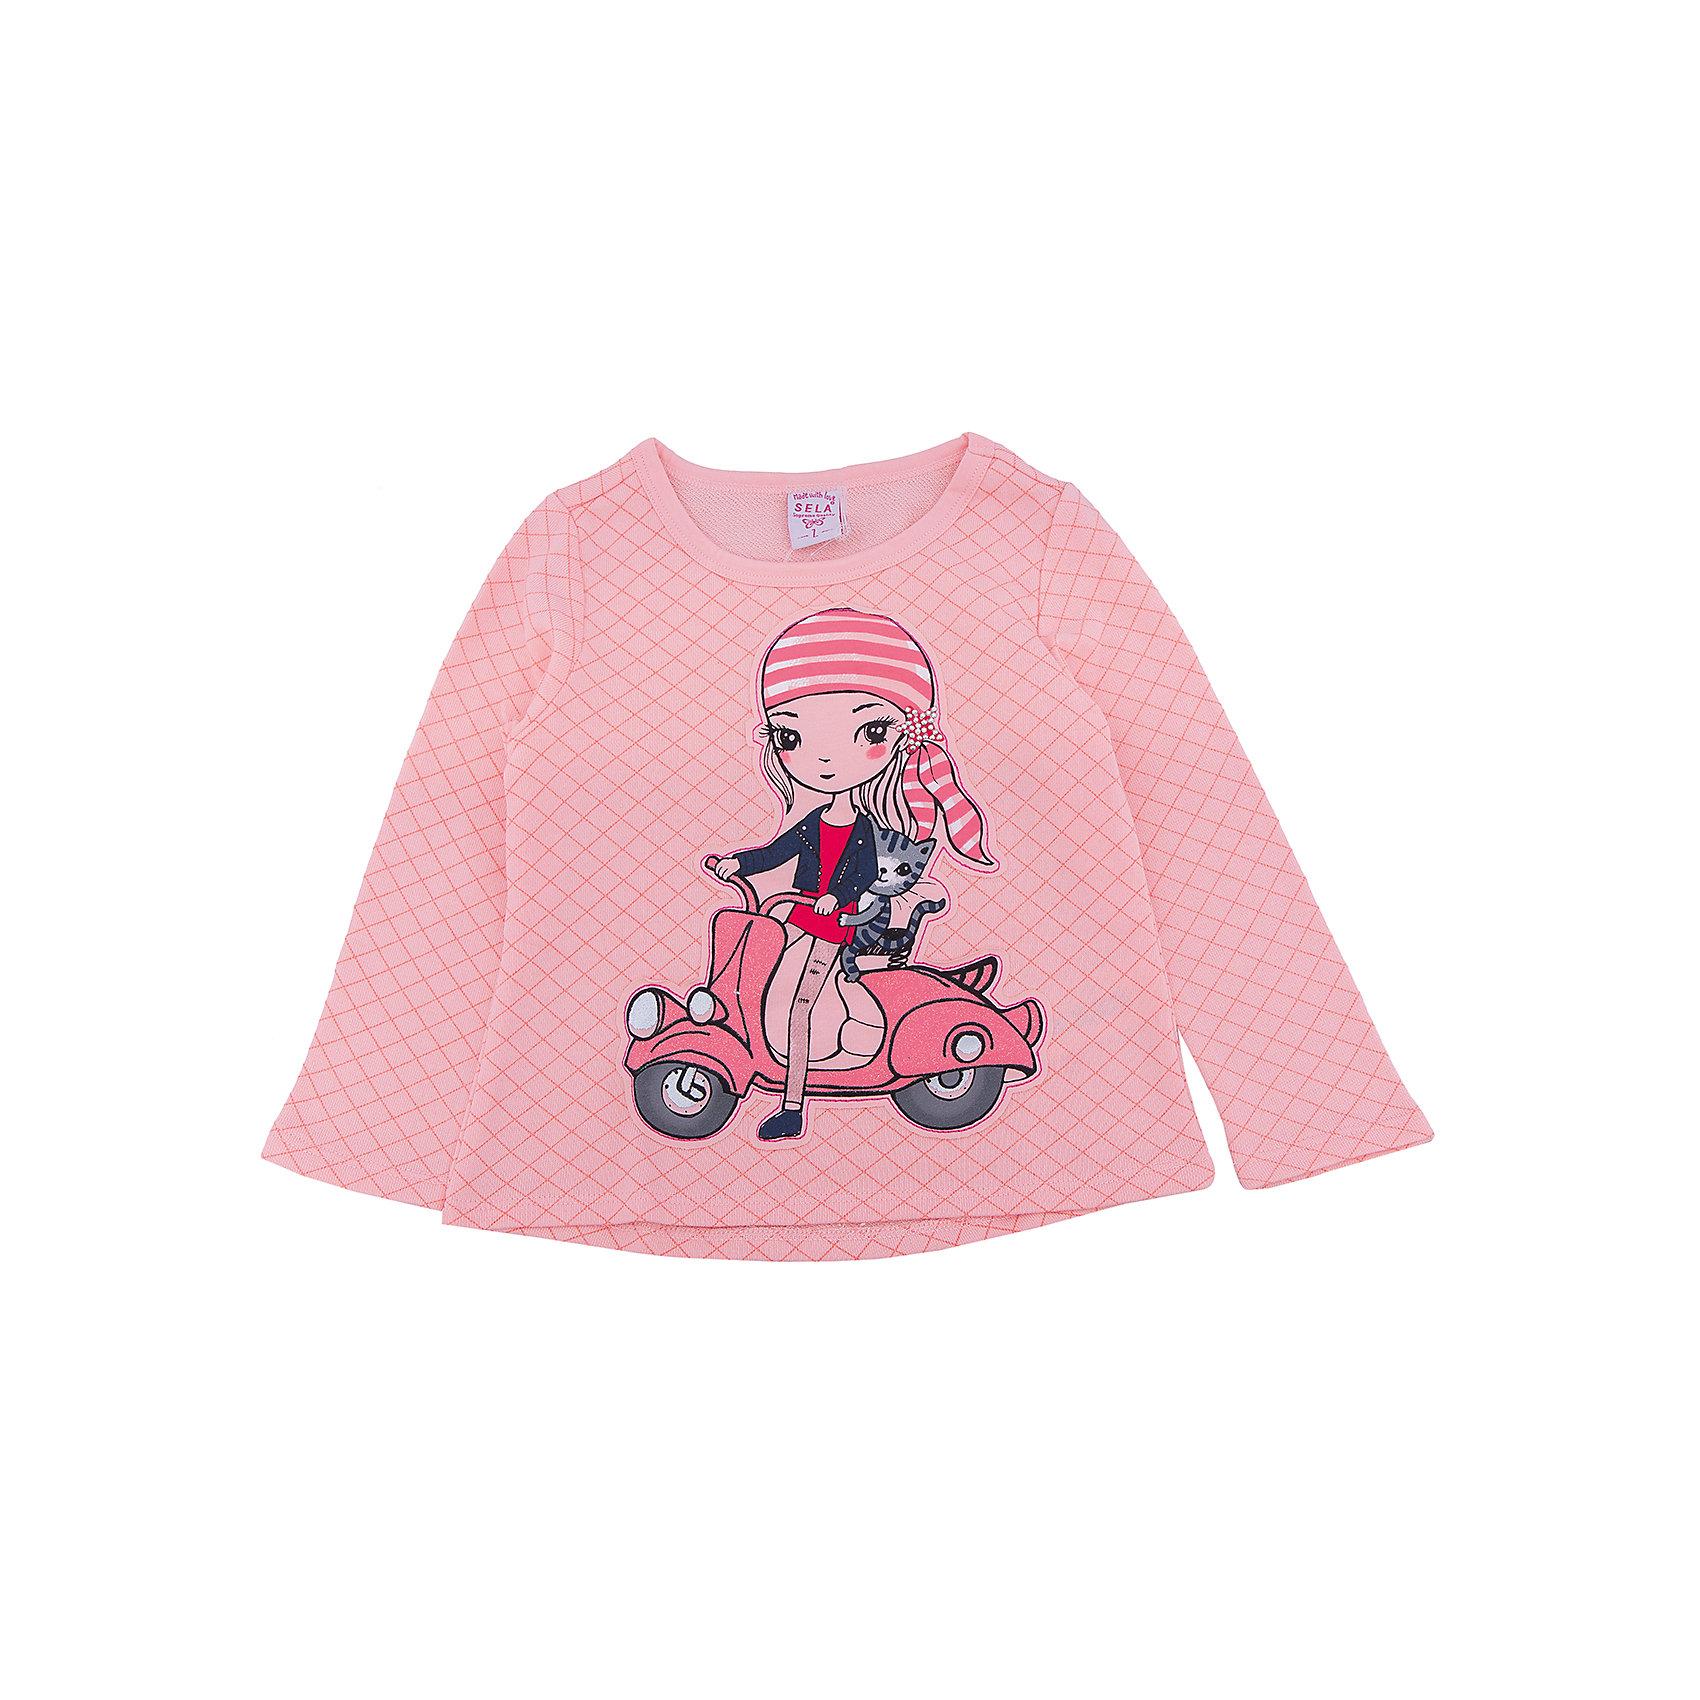 Футболка с длинным рукавом для девочки SELAФутболка с длинным рукавом  - незаменимая вещь в прохладное время года. Эта модель отлично сидит на ребенке, она сделана из приятного на ощупь материала, мягкая и дышащая. Натуральный хлопок в составе ткани не вызывает аллергии и обеспечивает ребенку комфорт. Модель станет отличной базовой вещью, которая будет уместна в различных сочетаниях.<br>Одежда от бренда Sela (Села) - это качество по приемлемым ценам. Многие российские родители уже оценили преимущества продукции этой компании и всё чаще приобретают одежду и аксессуары Sela.<br><br>Дополнительная информация:<br><br>материал: 65% хлопок, 35% ПЭ;<br>длинный рукав;<br>украшен принтом.<br><br>Джемпер для девочки от бренда Sela можно купить в нашем интернет-магазине.<br><br>Ширина мм: 190<br>Глубина мм: 74<br>Высота мм: 229<br>Вес г: 236<br>Цвет: розовый<br>Возраст от месяцев: 24<br>Возраст до месяцев: 36<br>Пол: Женский<br>Возраст: Детский<br>Размер: 98,104,110,116,92<br>SKU: 5008175